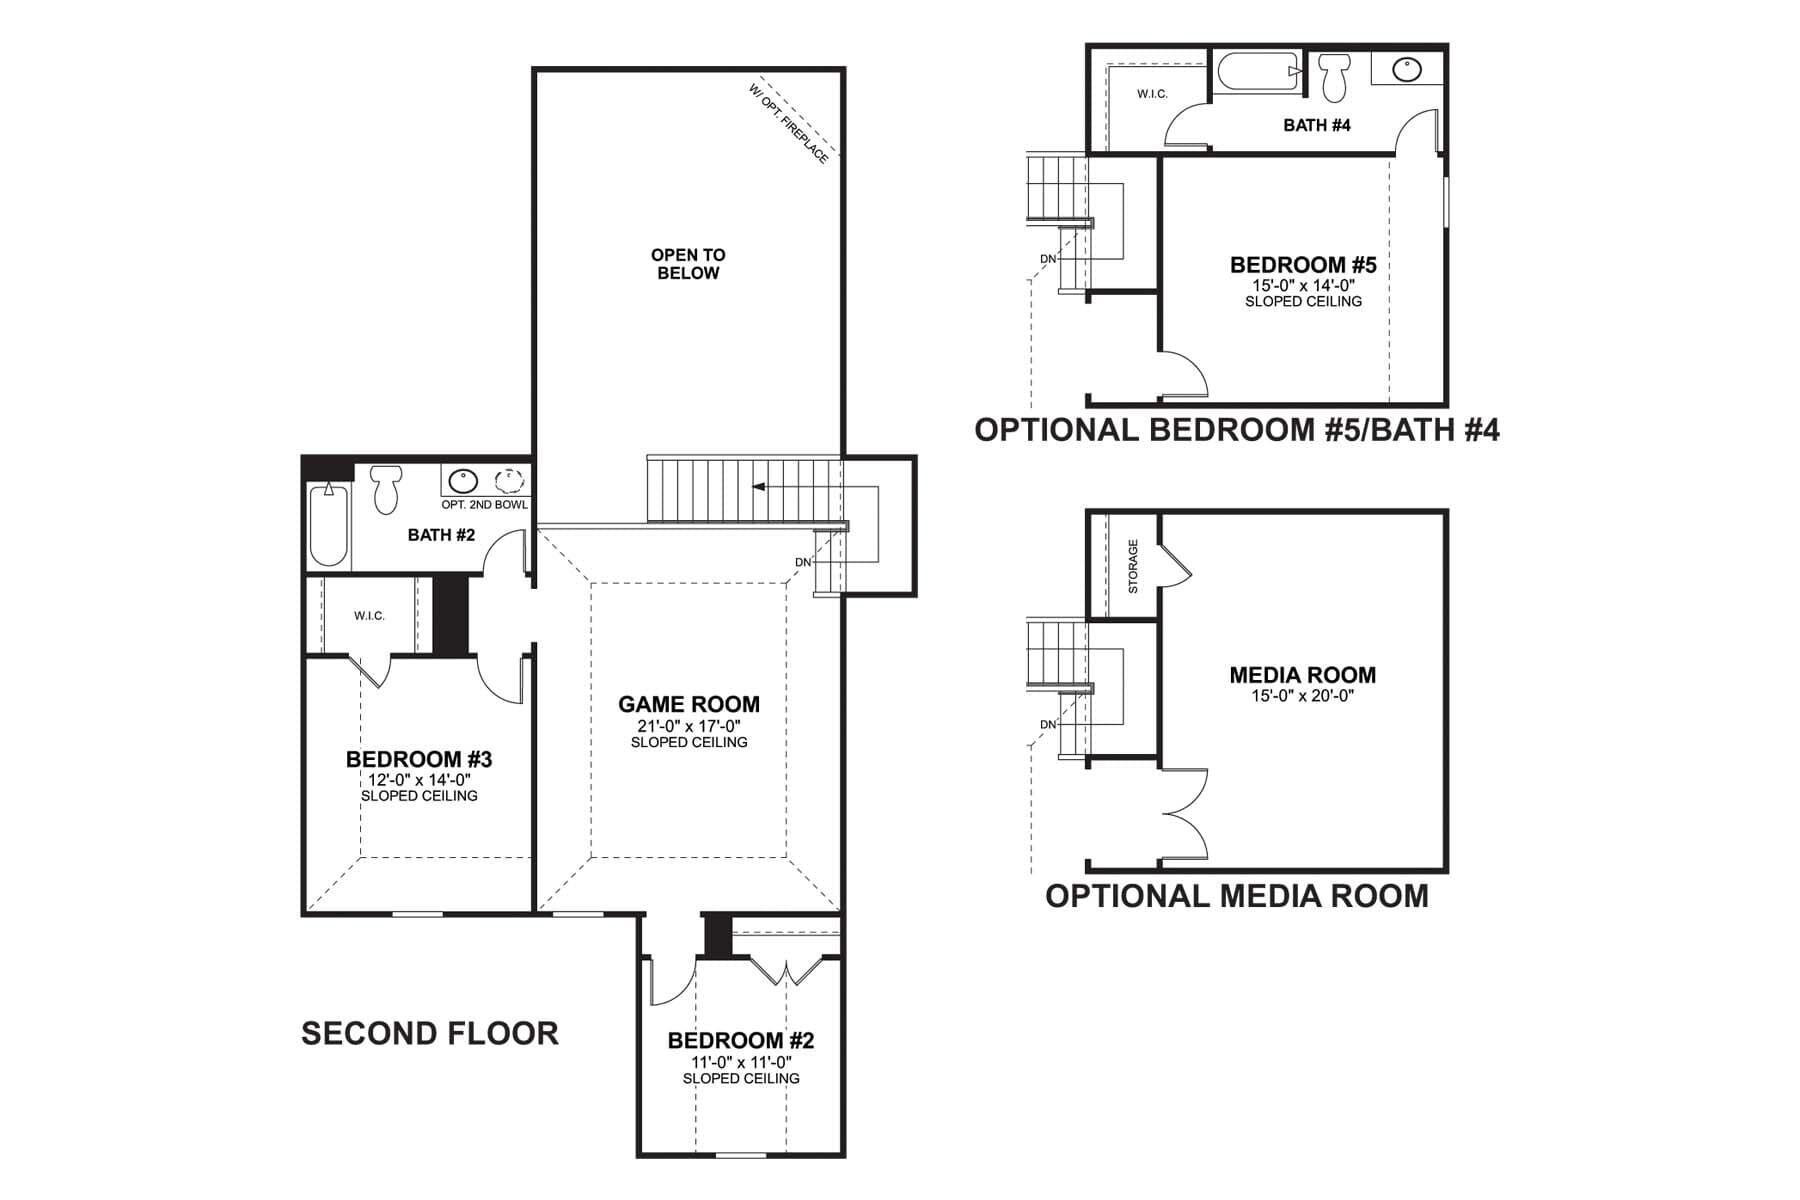 5106 Medina Second Floor